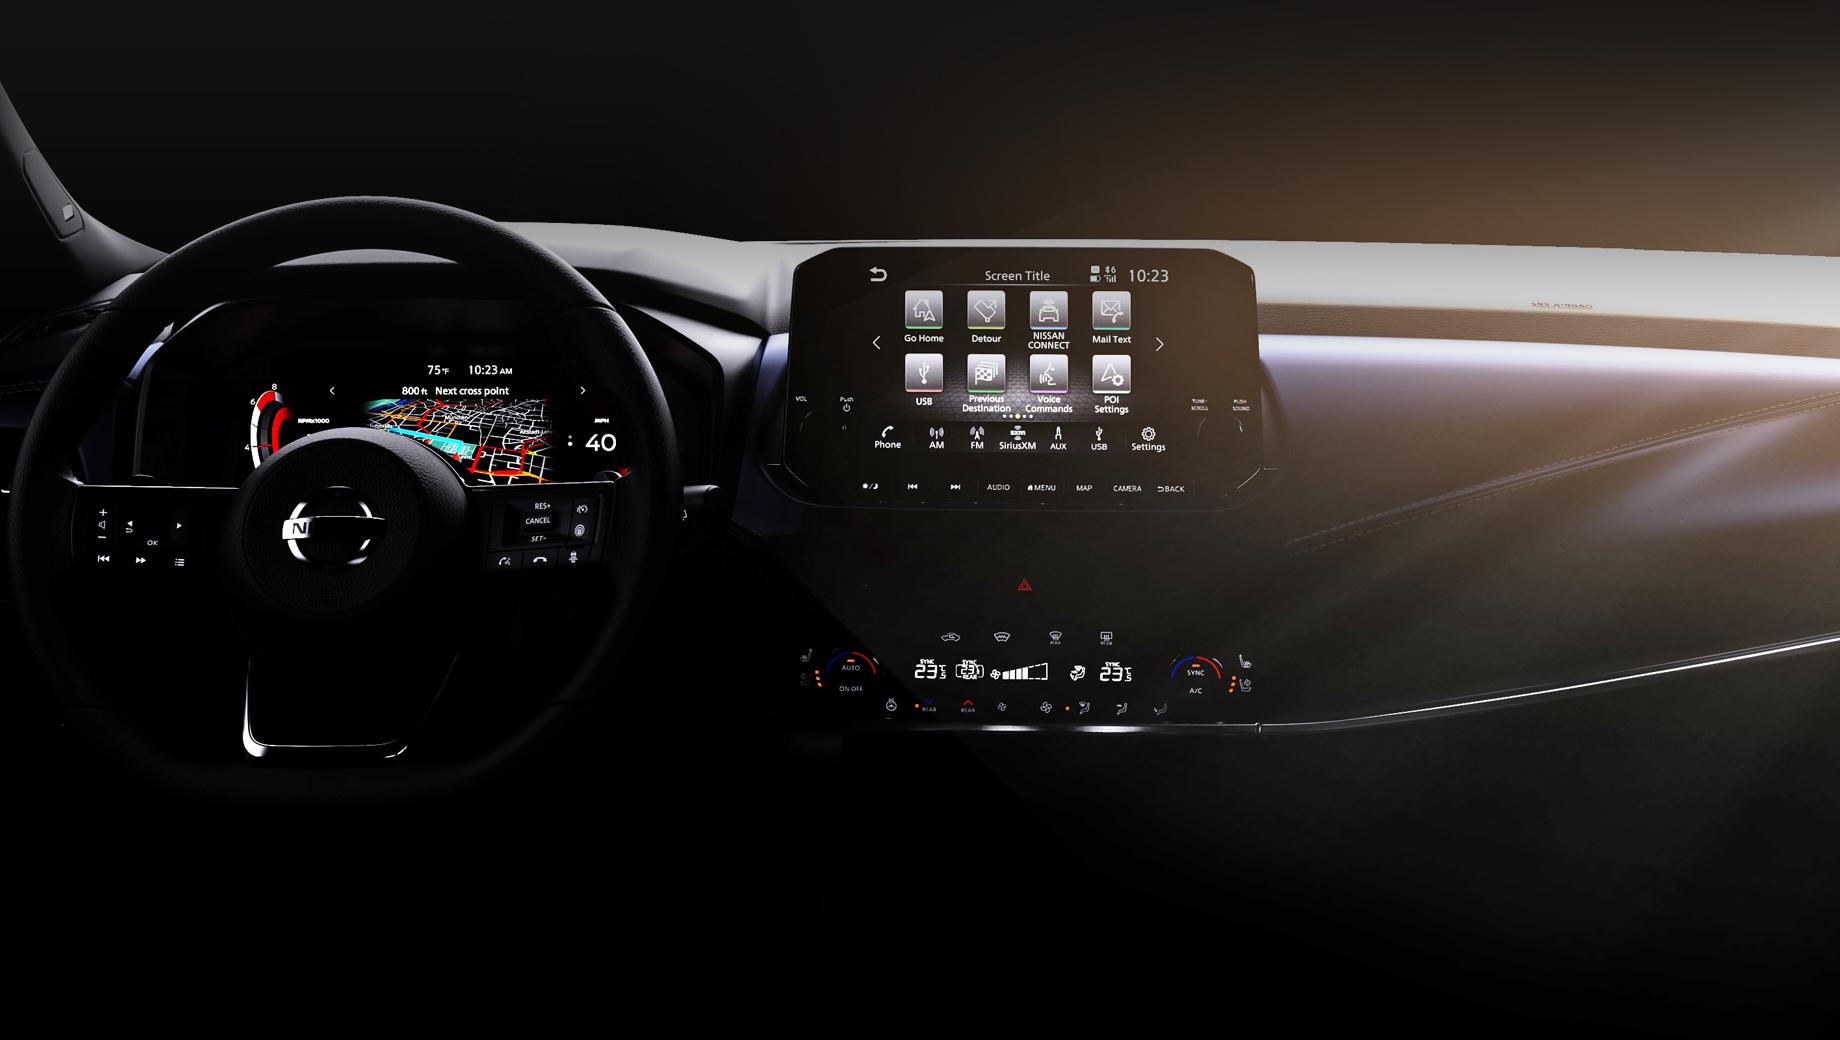 Nissan qashqai. Судя по тизеру, салон Кашкая будет очень близок по дизайну и начинке салону старшего собрата Rogue/X-Trail, с некоторыми расхождениями в передней панели. Премьера состоится лишь в 2021 году.